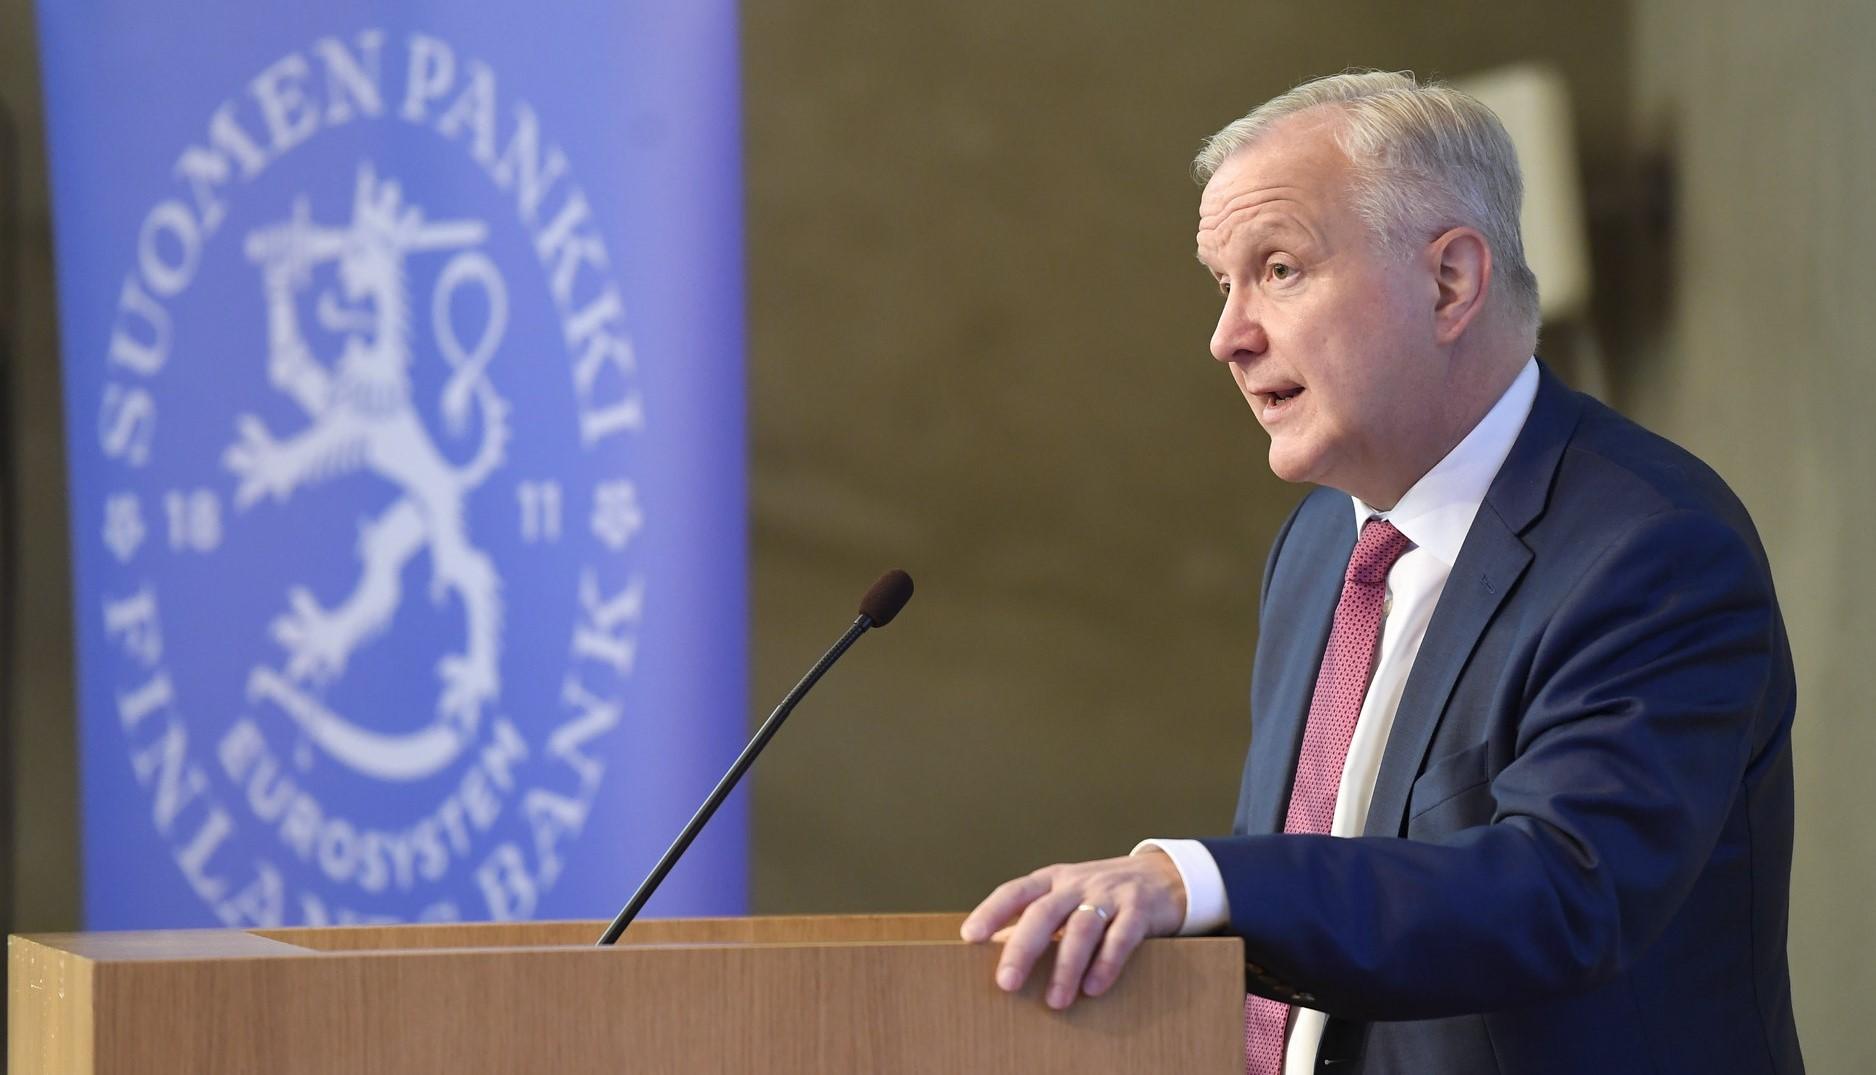 Olli Rehn peräänkuuluttaa toimia taloustaitostrategian laadintaan.Kuva: Heikki Saukkomaa, STT-Lehtikuva